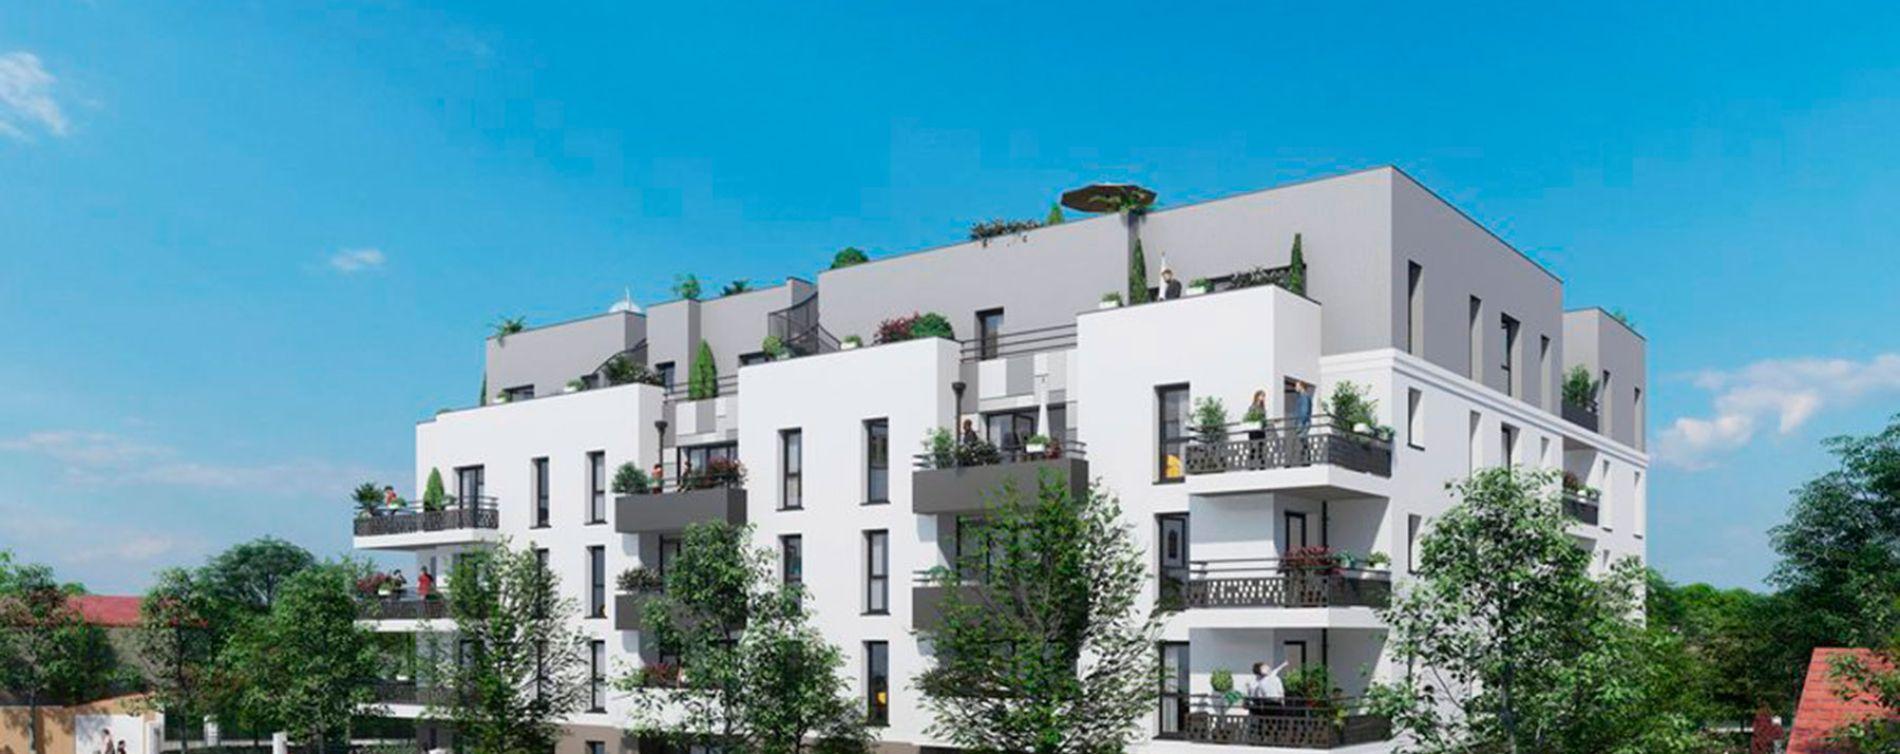 Résidence Green Park à Champigny-sur-Marne